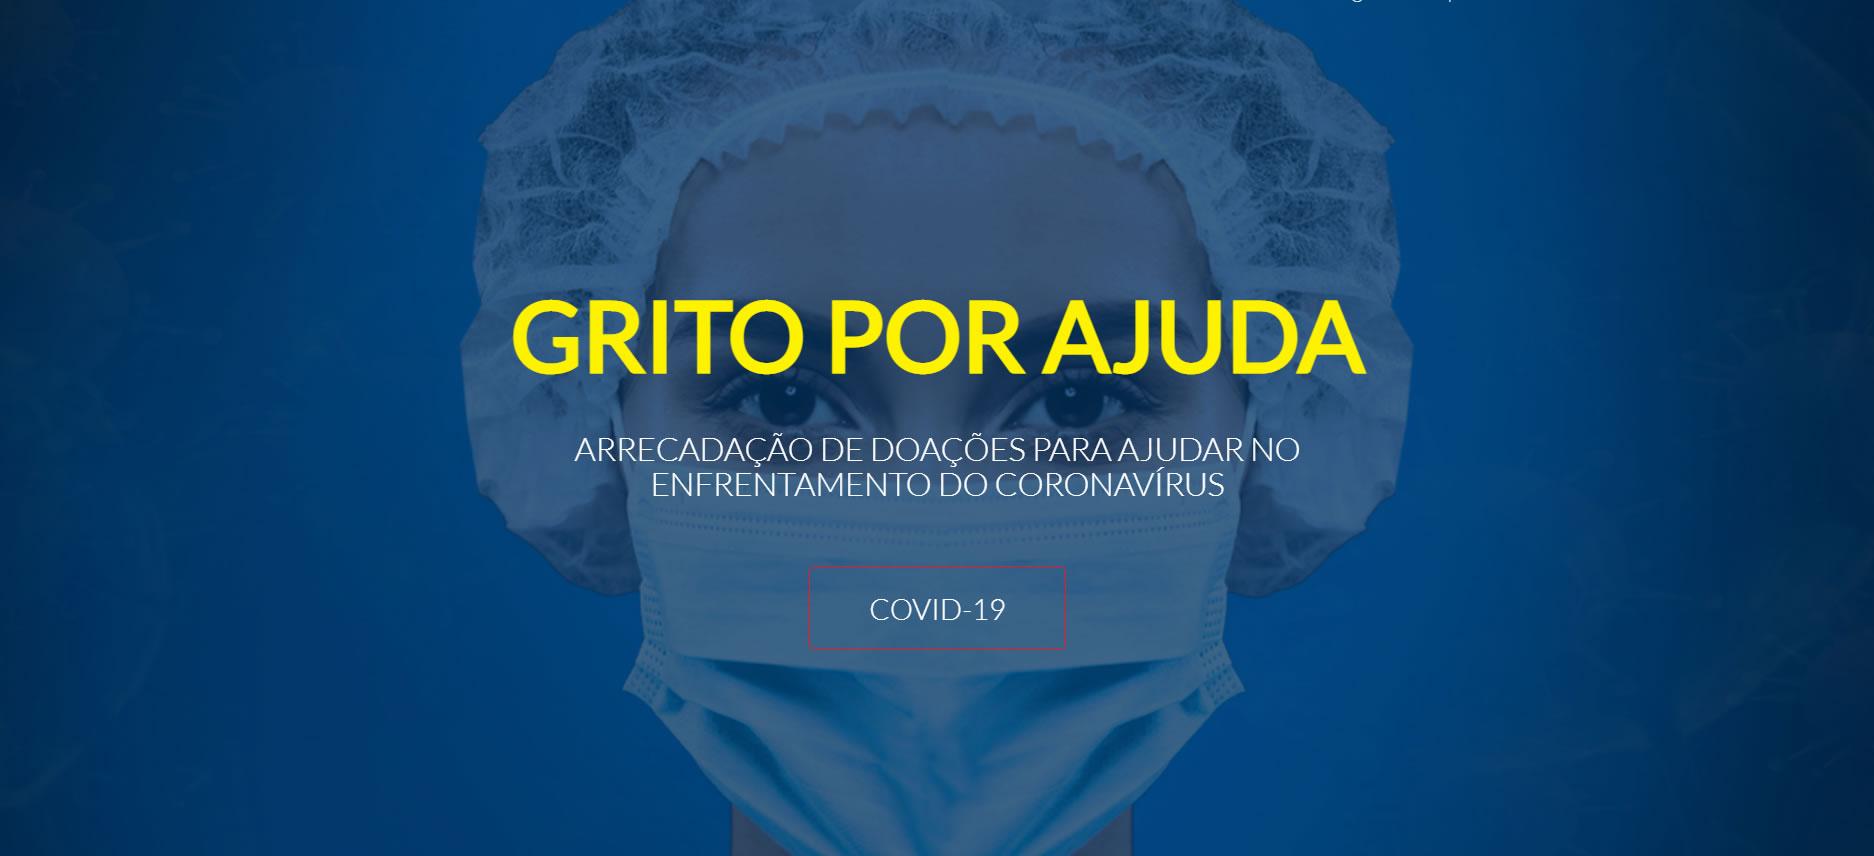 Enfermeira usando máscara com o texto escrito: Grito por ajuda: Arrecadação de doações para ajudar no enfrentamento do Coronavírus.